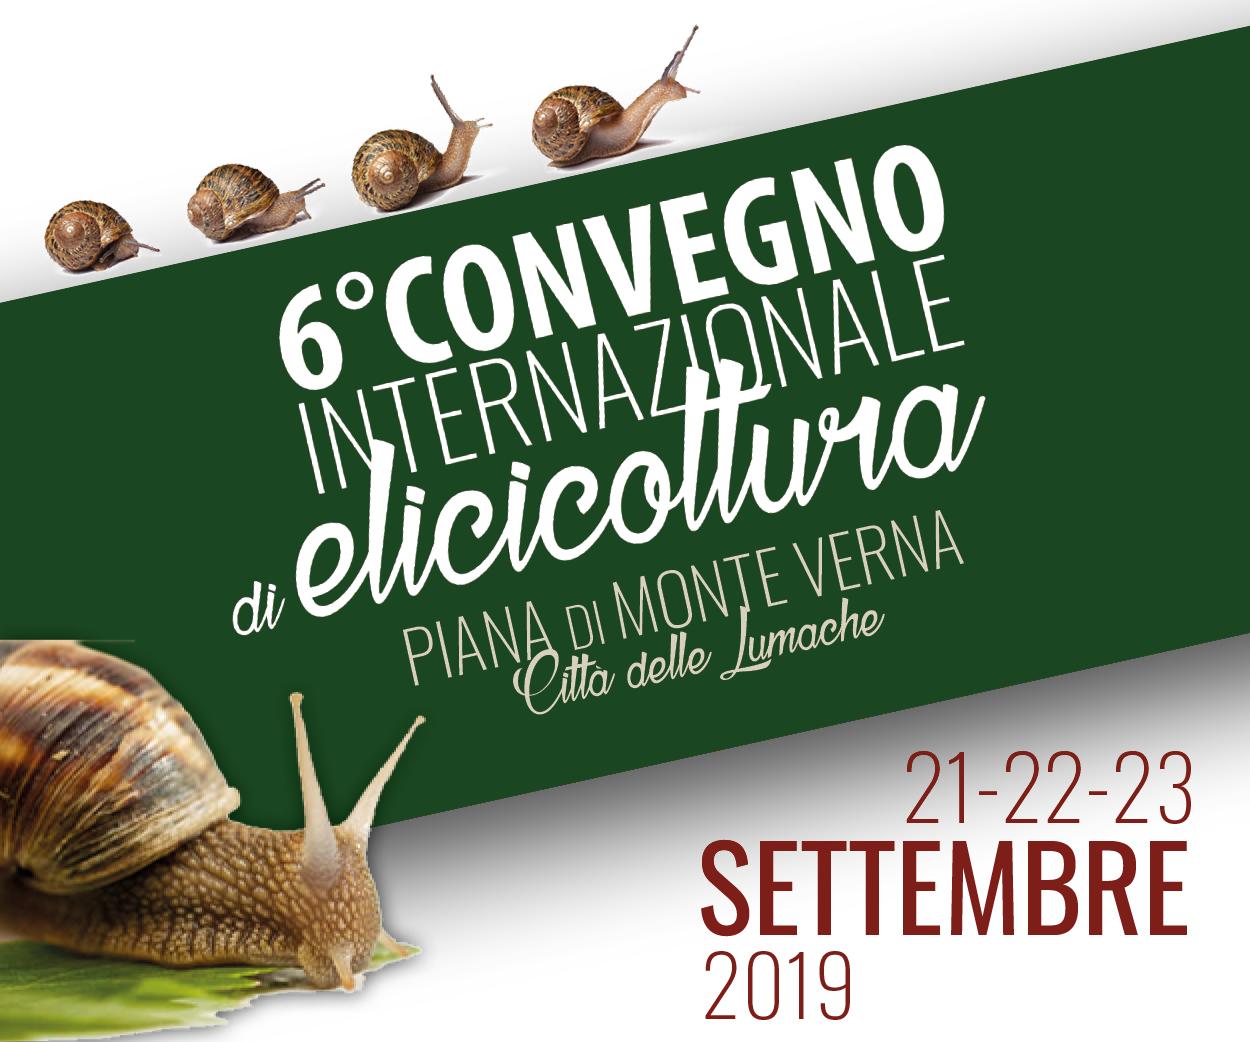 6° convegno internazionale di elicicoltura